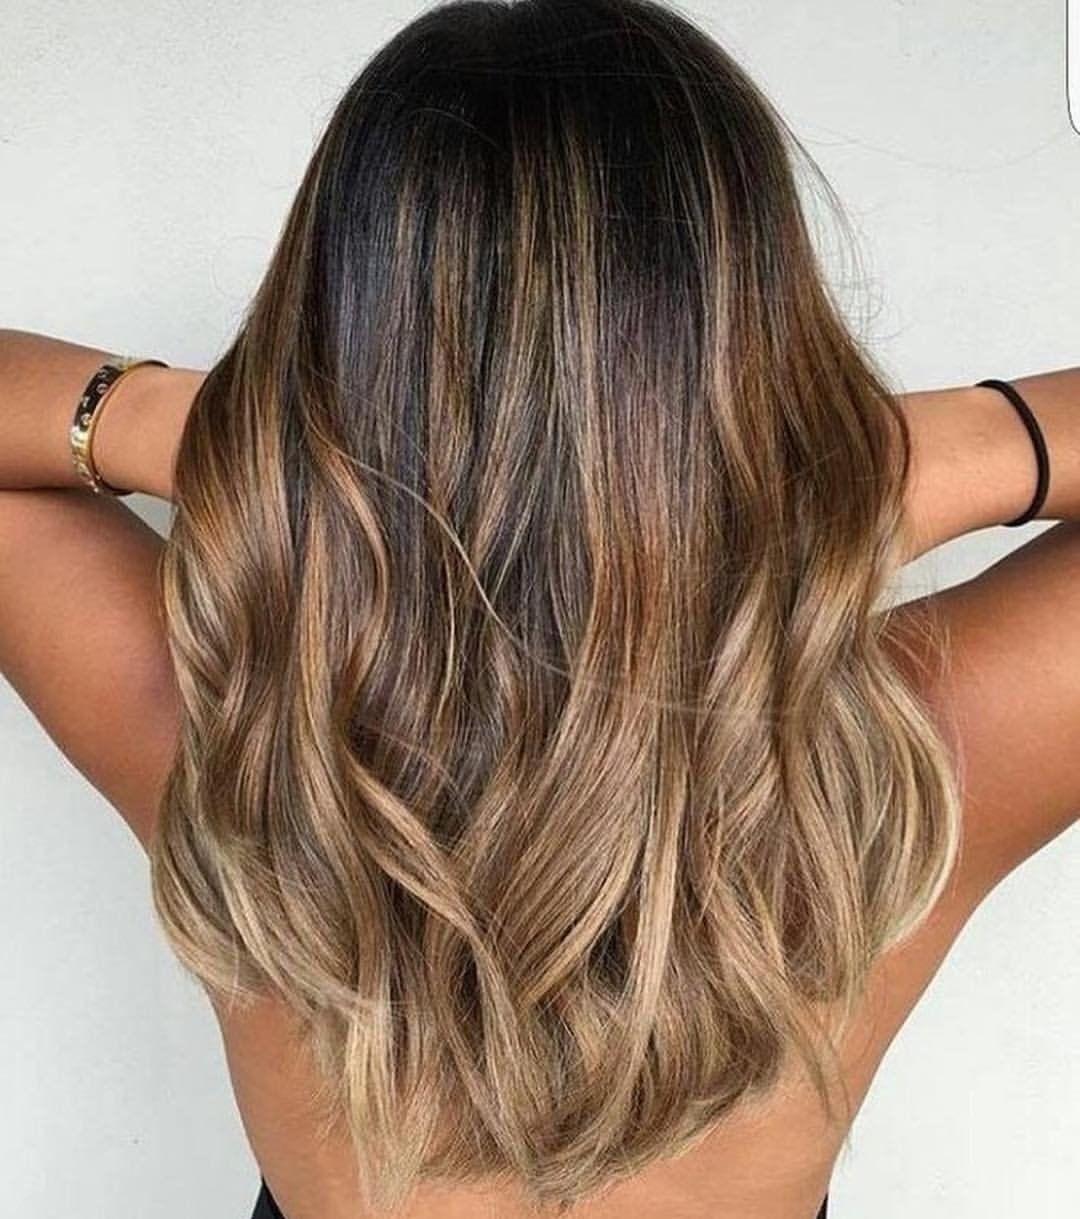 Окрашивание Балаяж на Русые волосы [50 фото] — Тренды 2018 ...